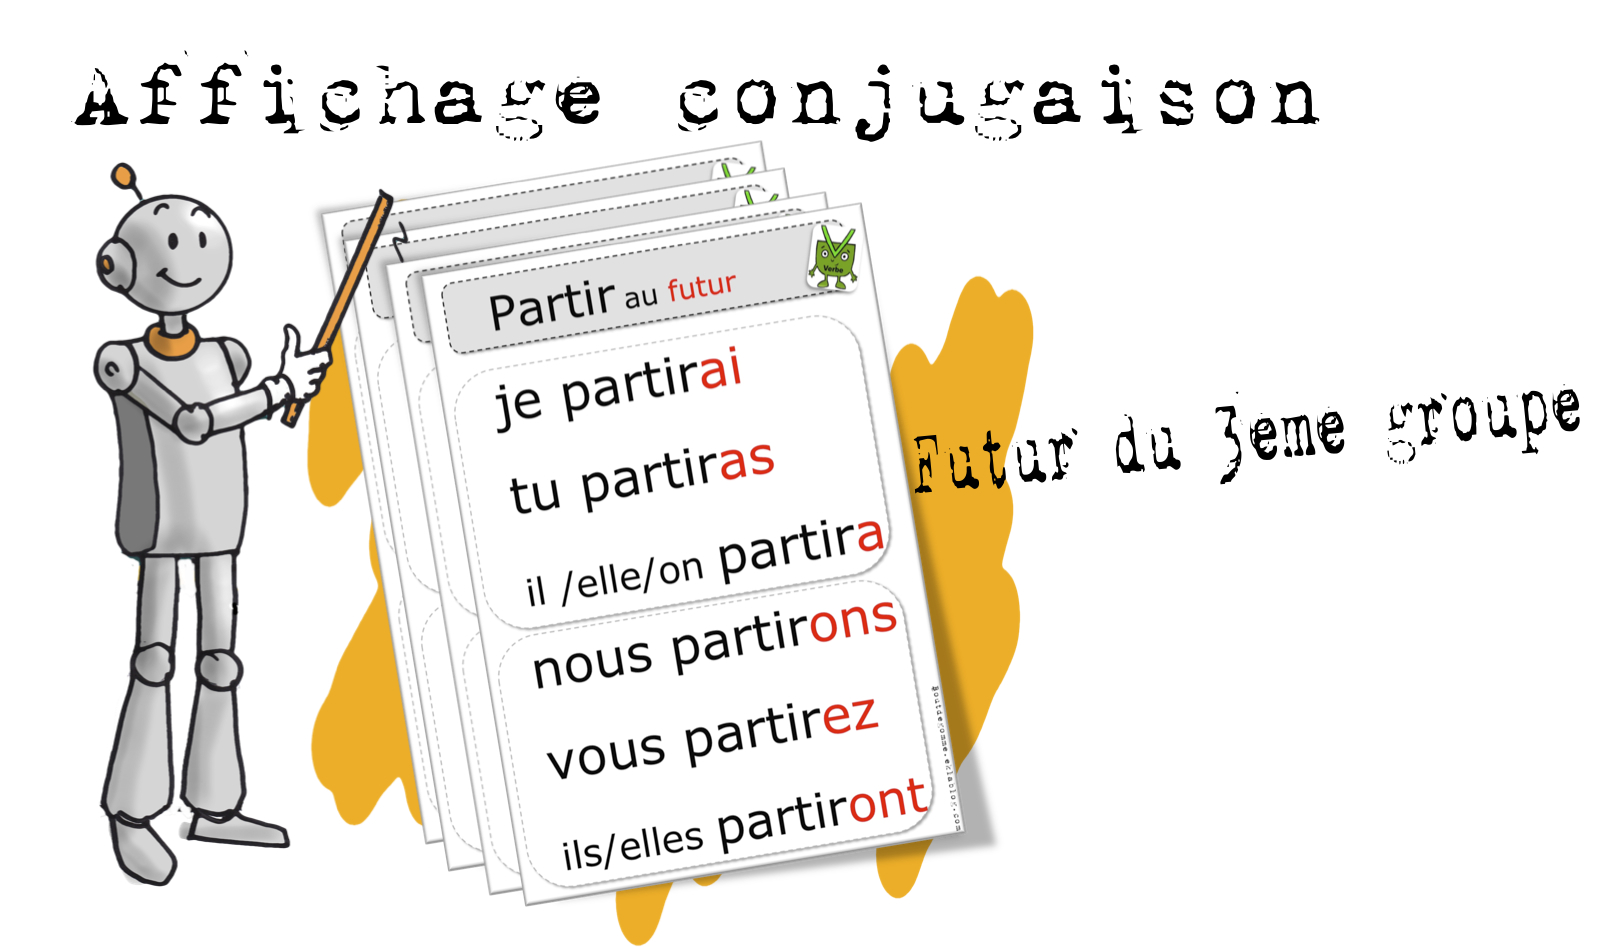 le verbe essayer La conjugaison du verbe essuyer sa définition et ses synonymes conjuguer le verbe essuyer à indicatif, subjonctif, impératif, infinitif, conditionnel, participe, gérondif.